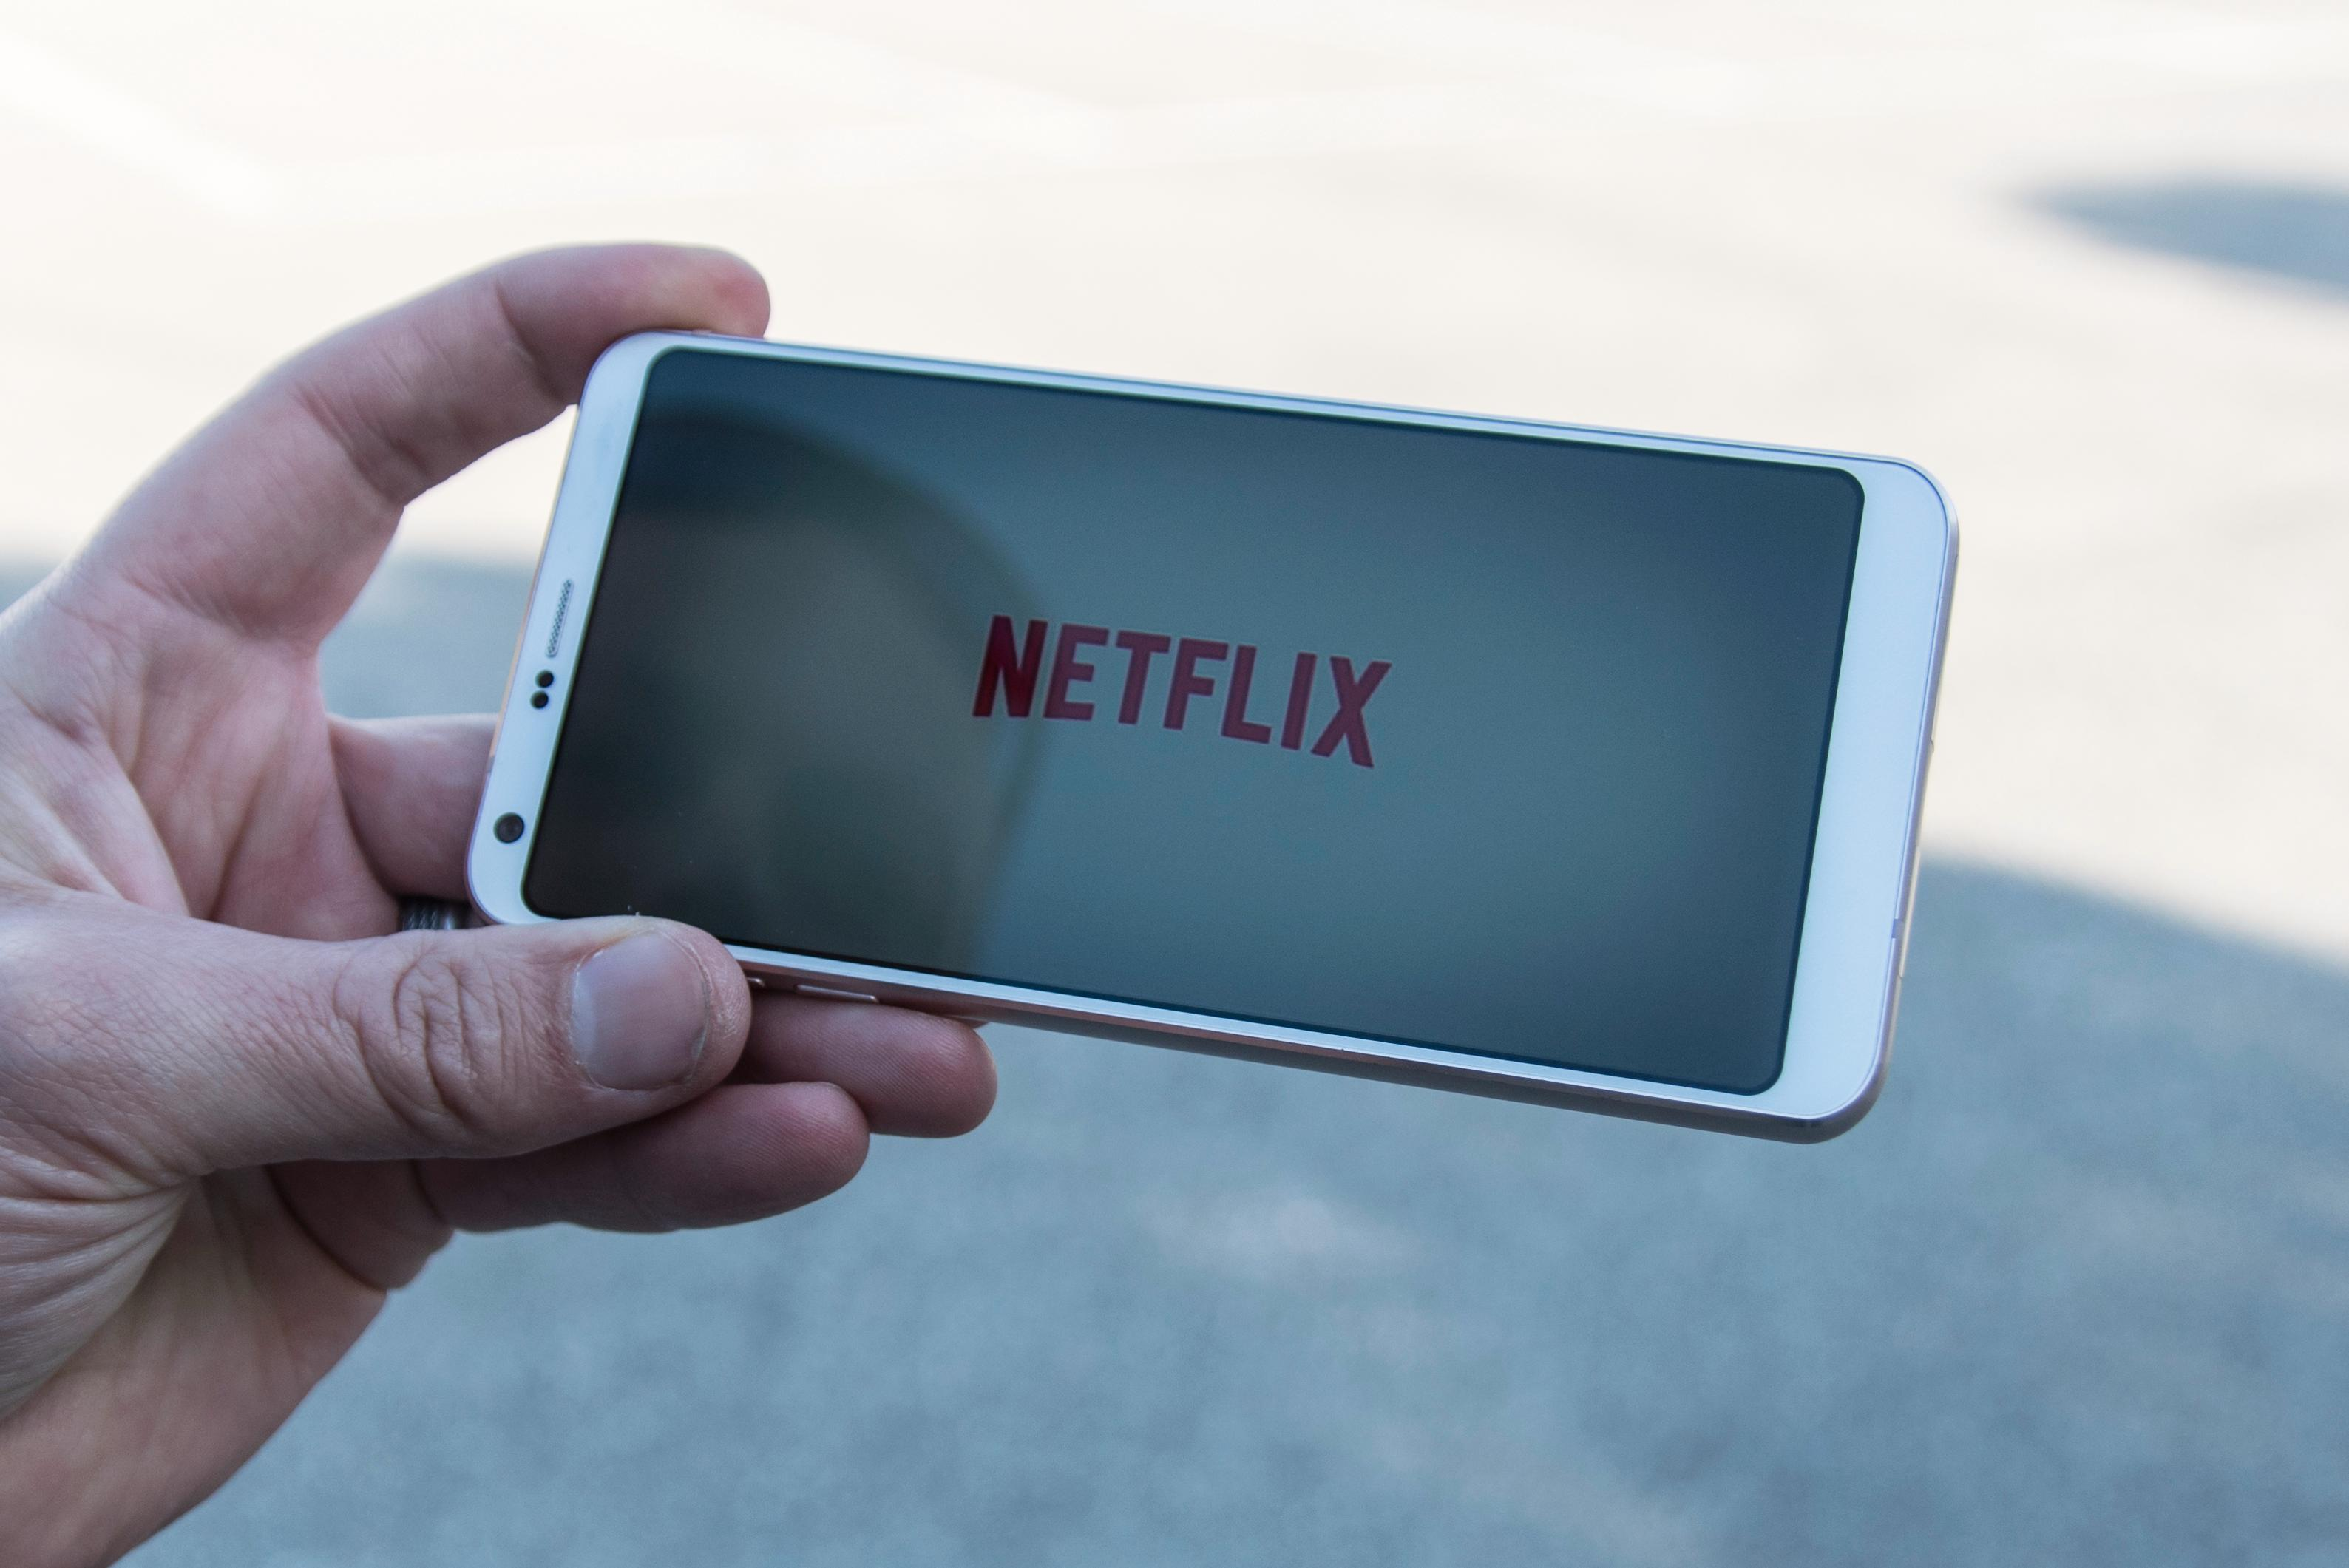 Netflix har alt innhold med riktig aspekt for mobilen, men de sitter også på HDR-innhold som kan gi den heftige skjermen litt å tygge på. Først må imidlertid Android-appen oppdateres med støtte for det.